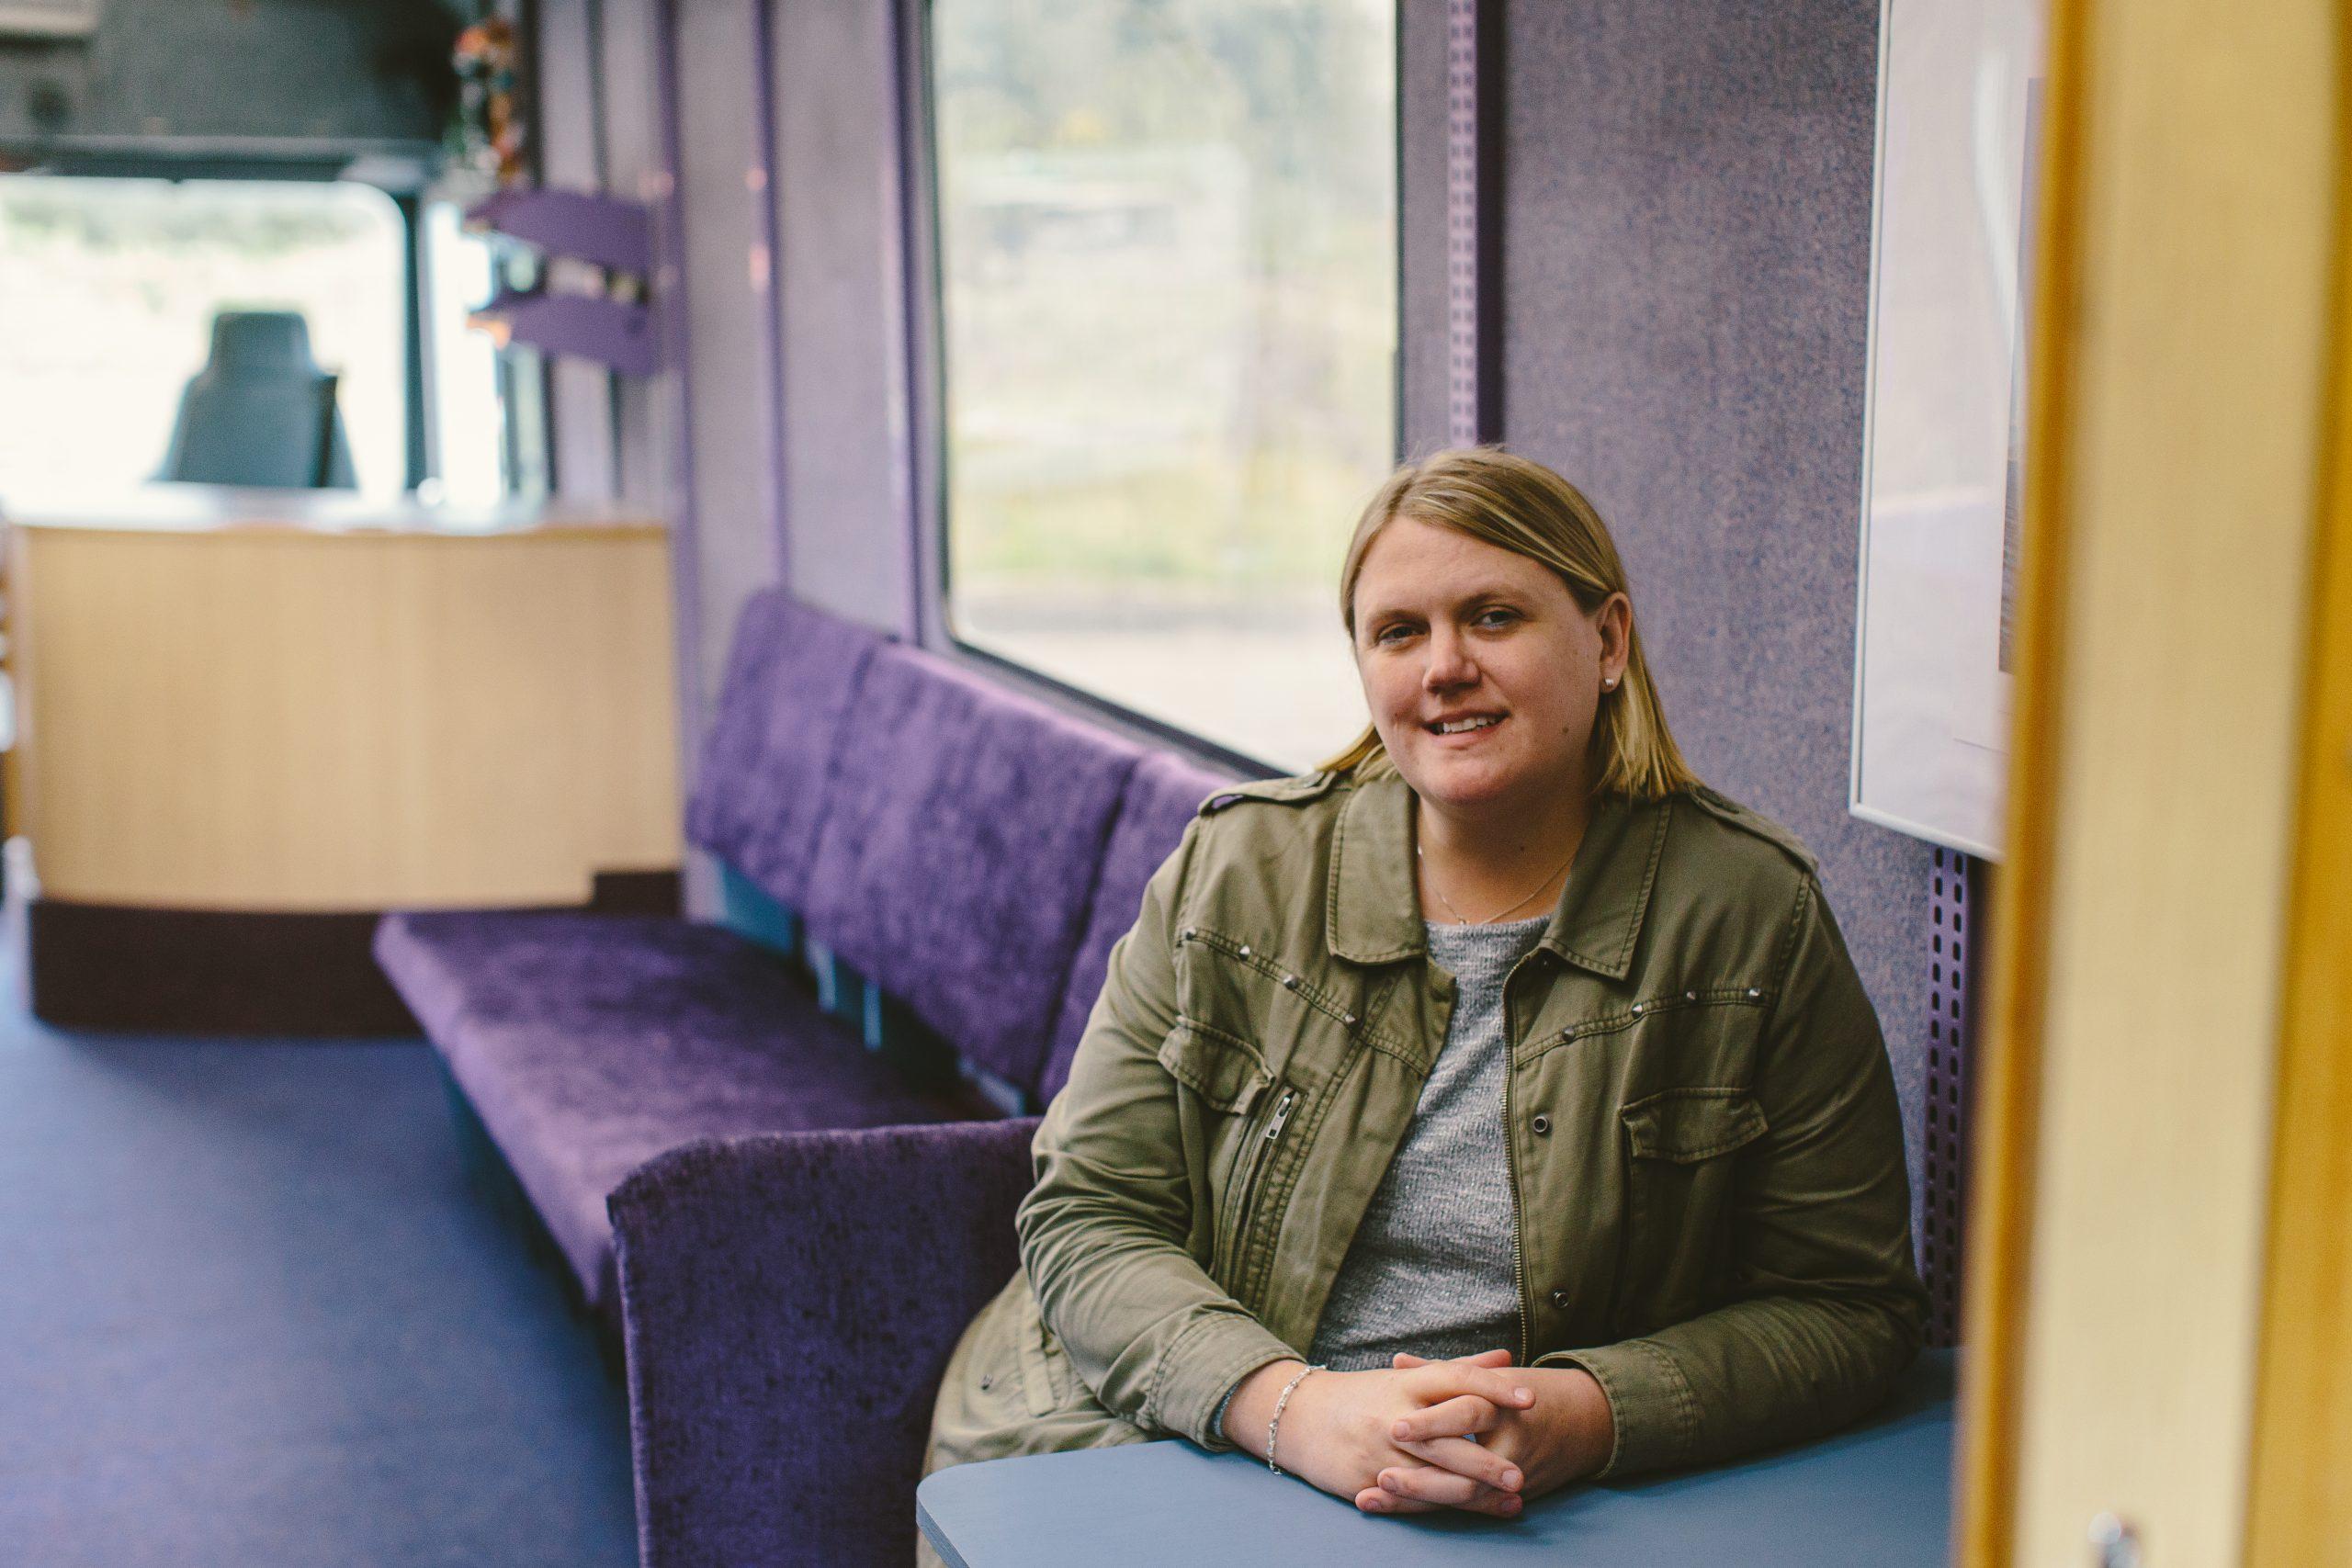 Emma sat inside the Big Blue Bus